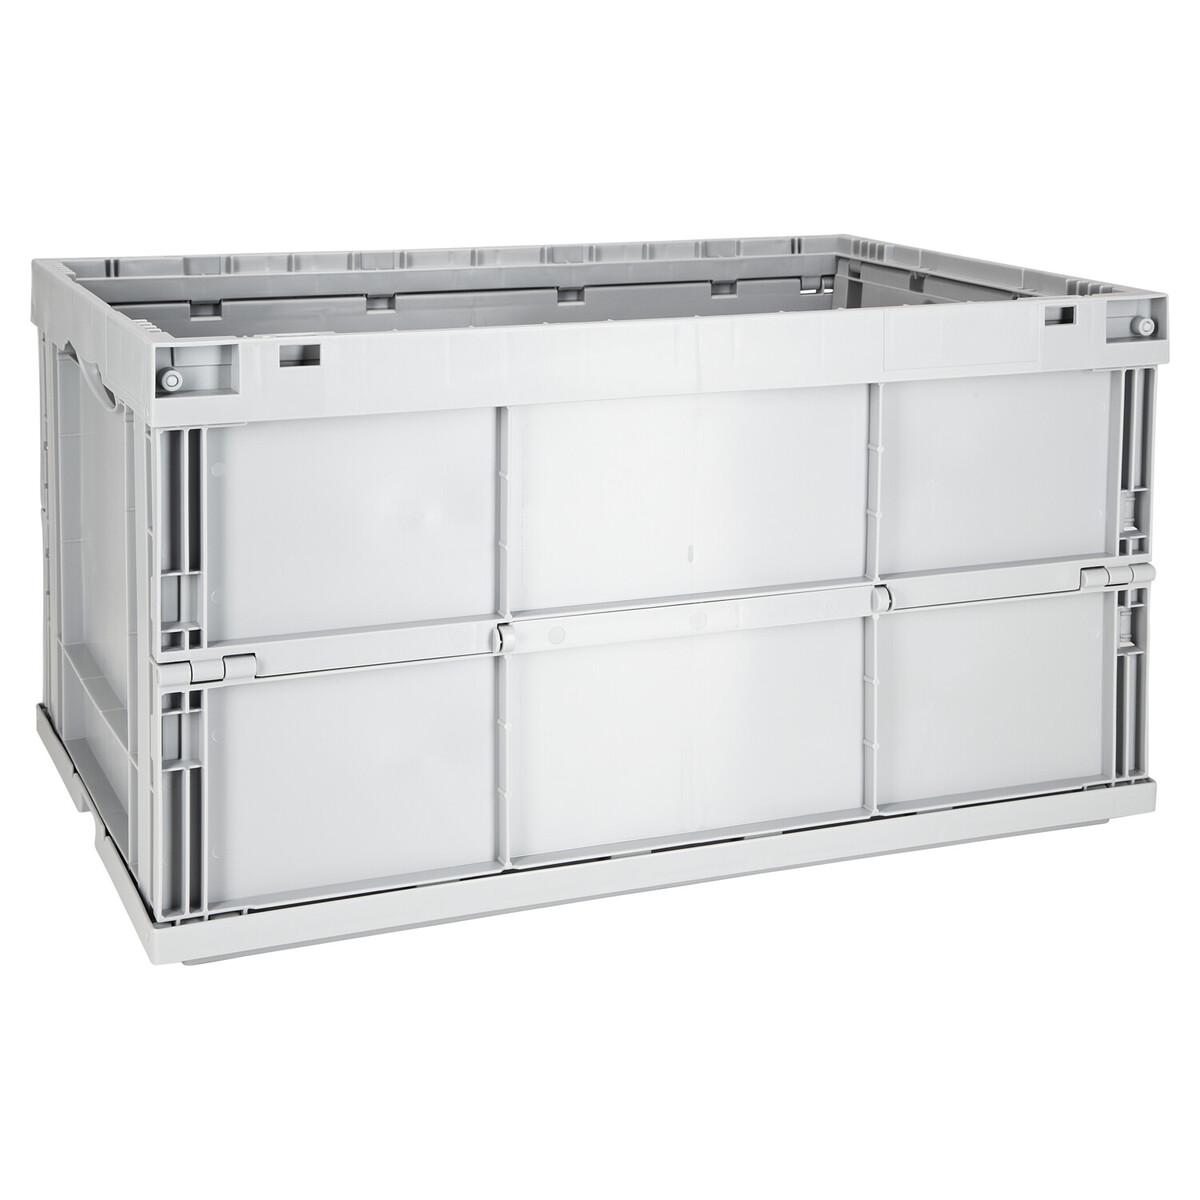 Bild 2 von Transport- und Lagerbehälter, Faltbox